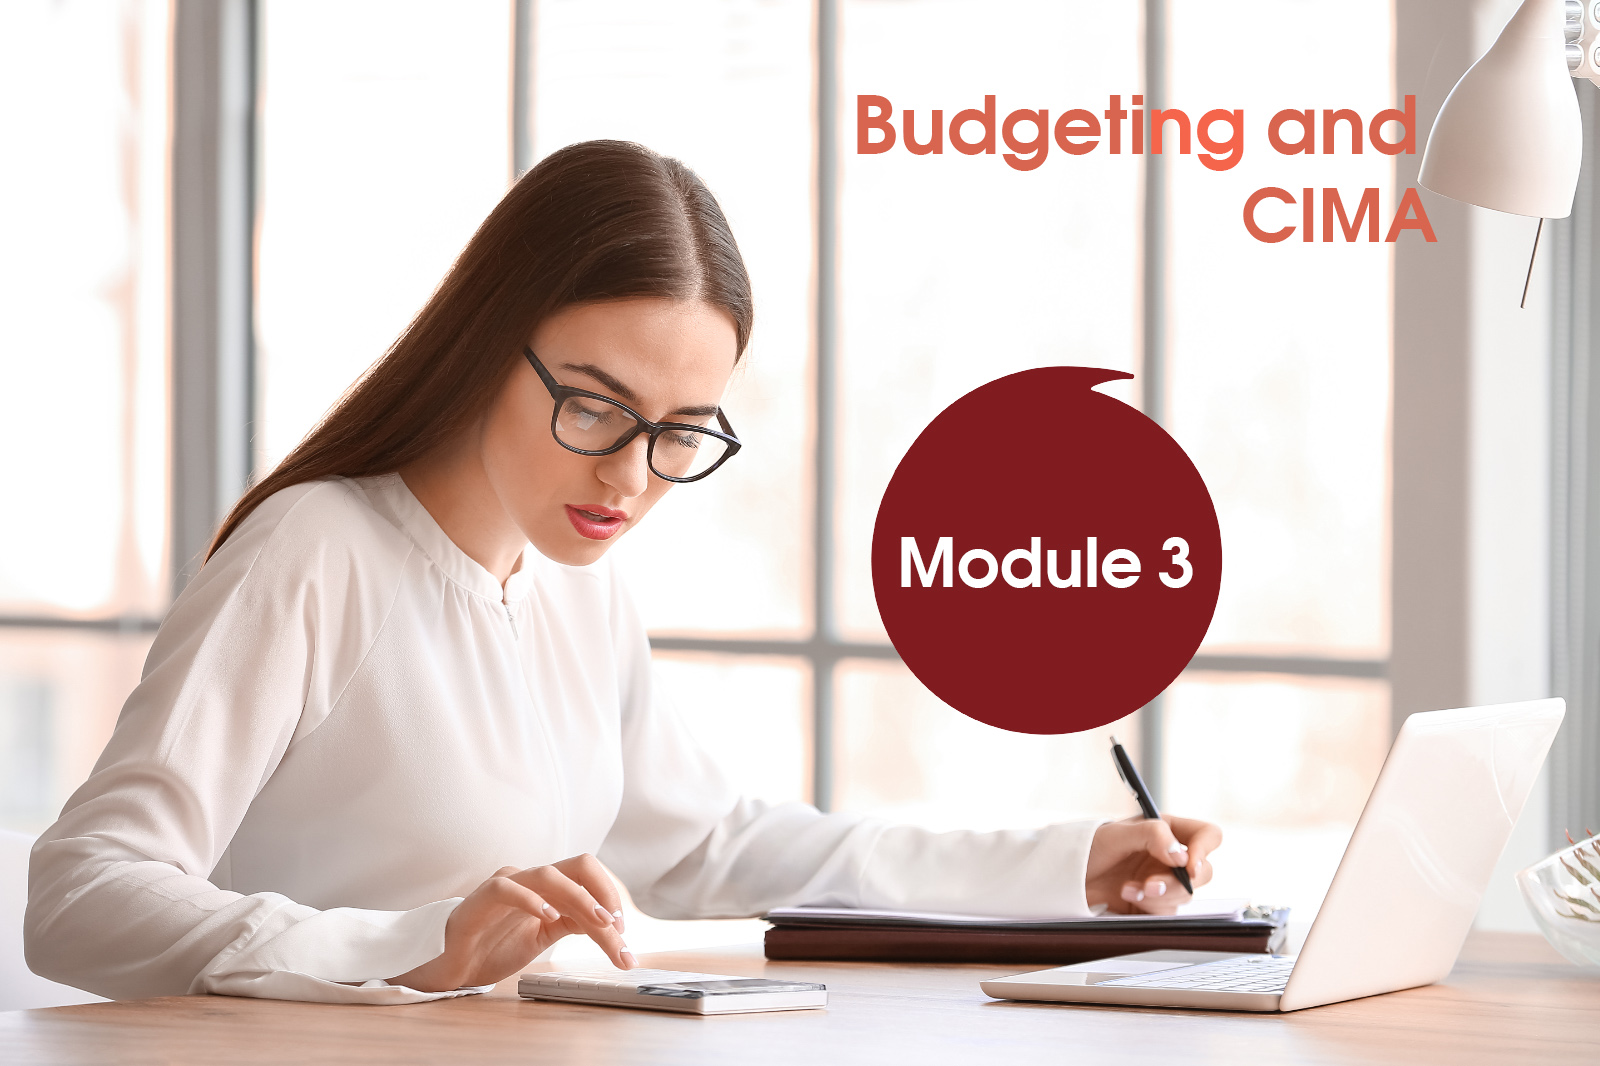 Фінансова англійська для CIMA, управлінський облік Модуль 3